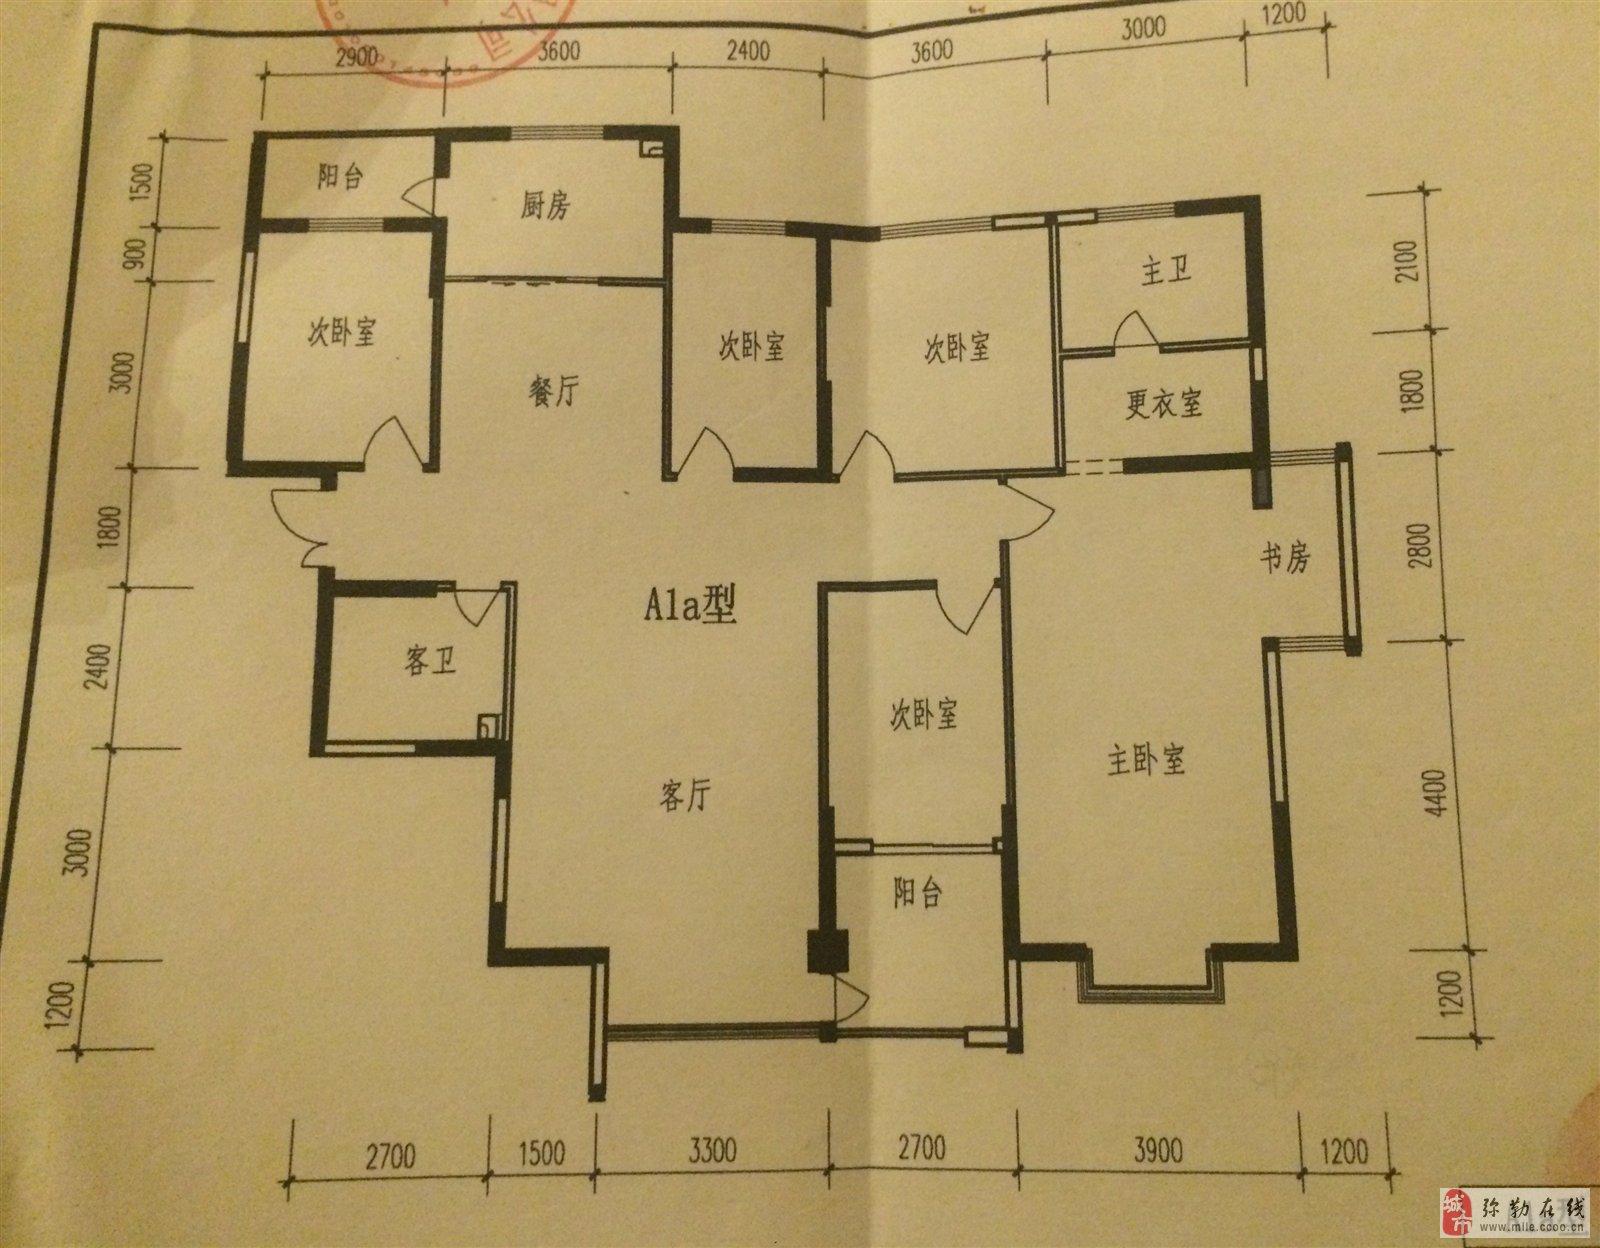 78平米房屋设计图